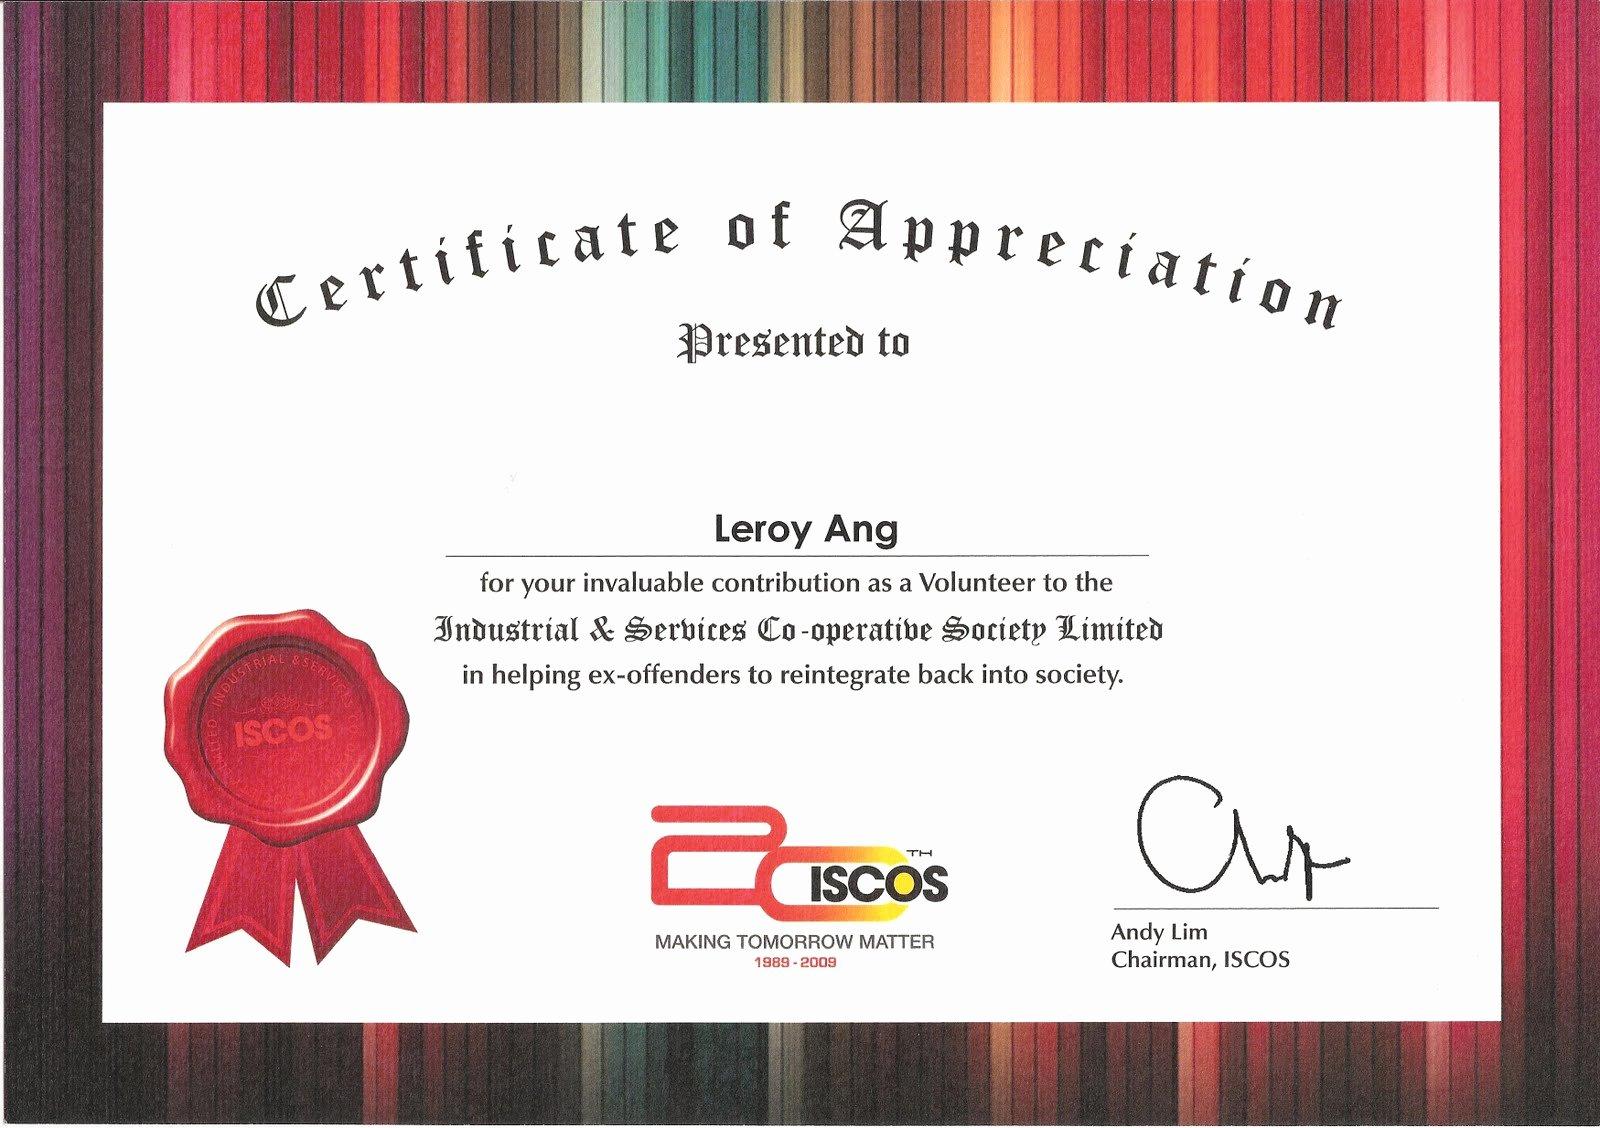 Certificate Of Appreciation for Volunteers Awesome La S B L O G iscos Certificate Of Appreciation